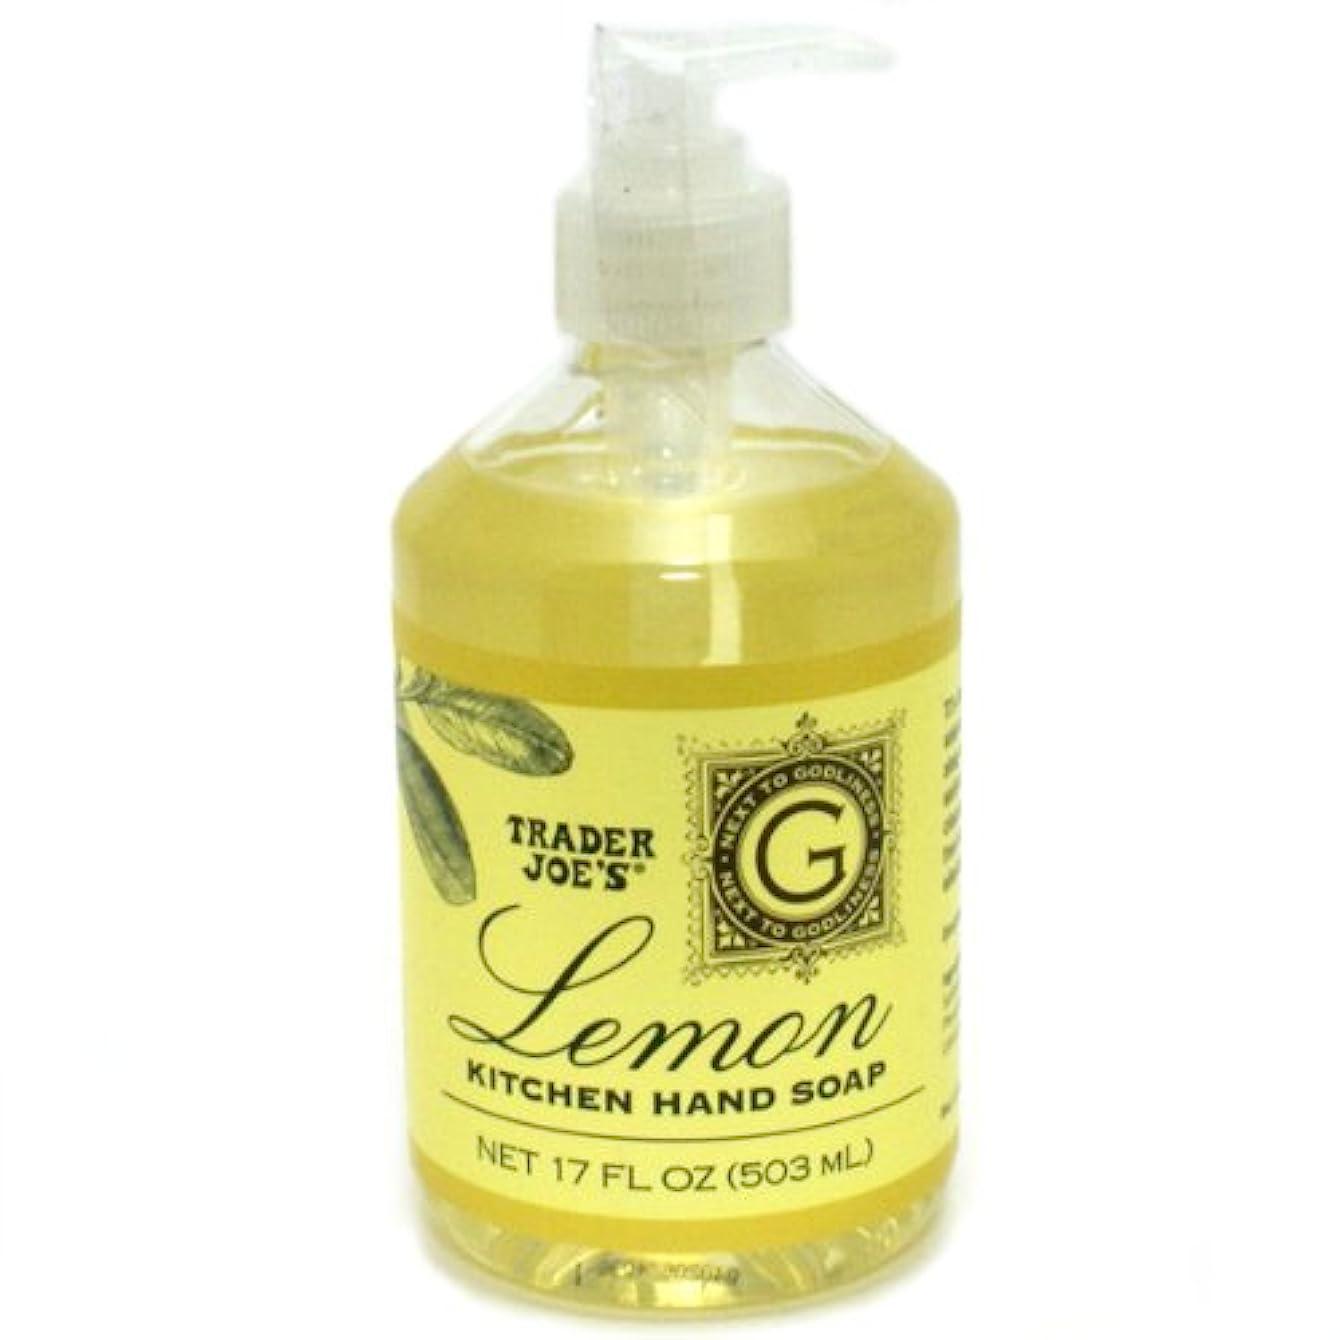 シャンパン大洪水昆虫Trader Joe's トレーダージョーズ KITCHEN HAND SOAP Lemon レモン キッチンハンドソープ [並行輸入品]